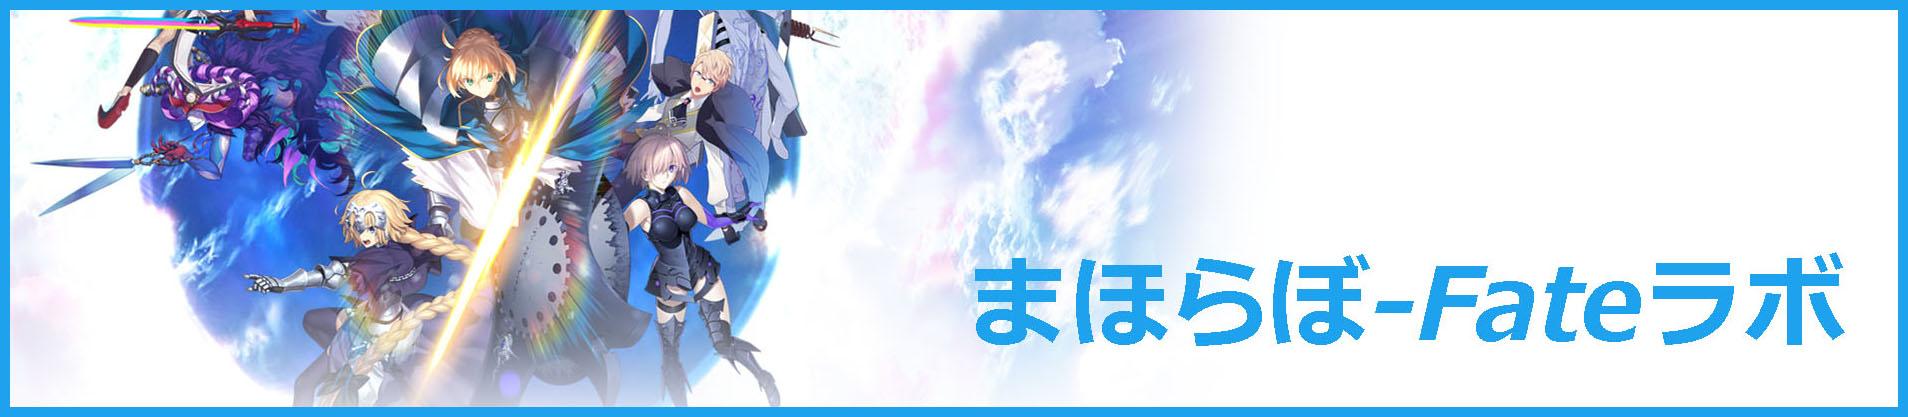 Fateシリーズチャンネル